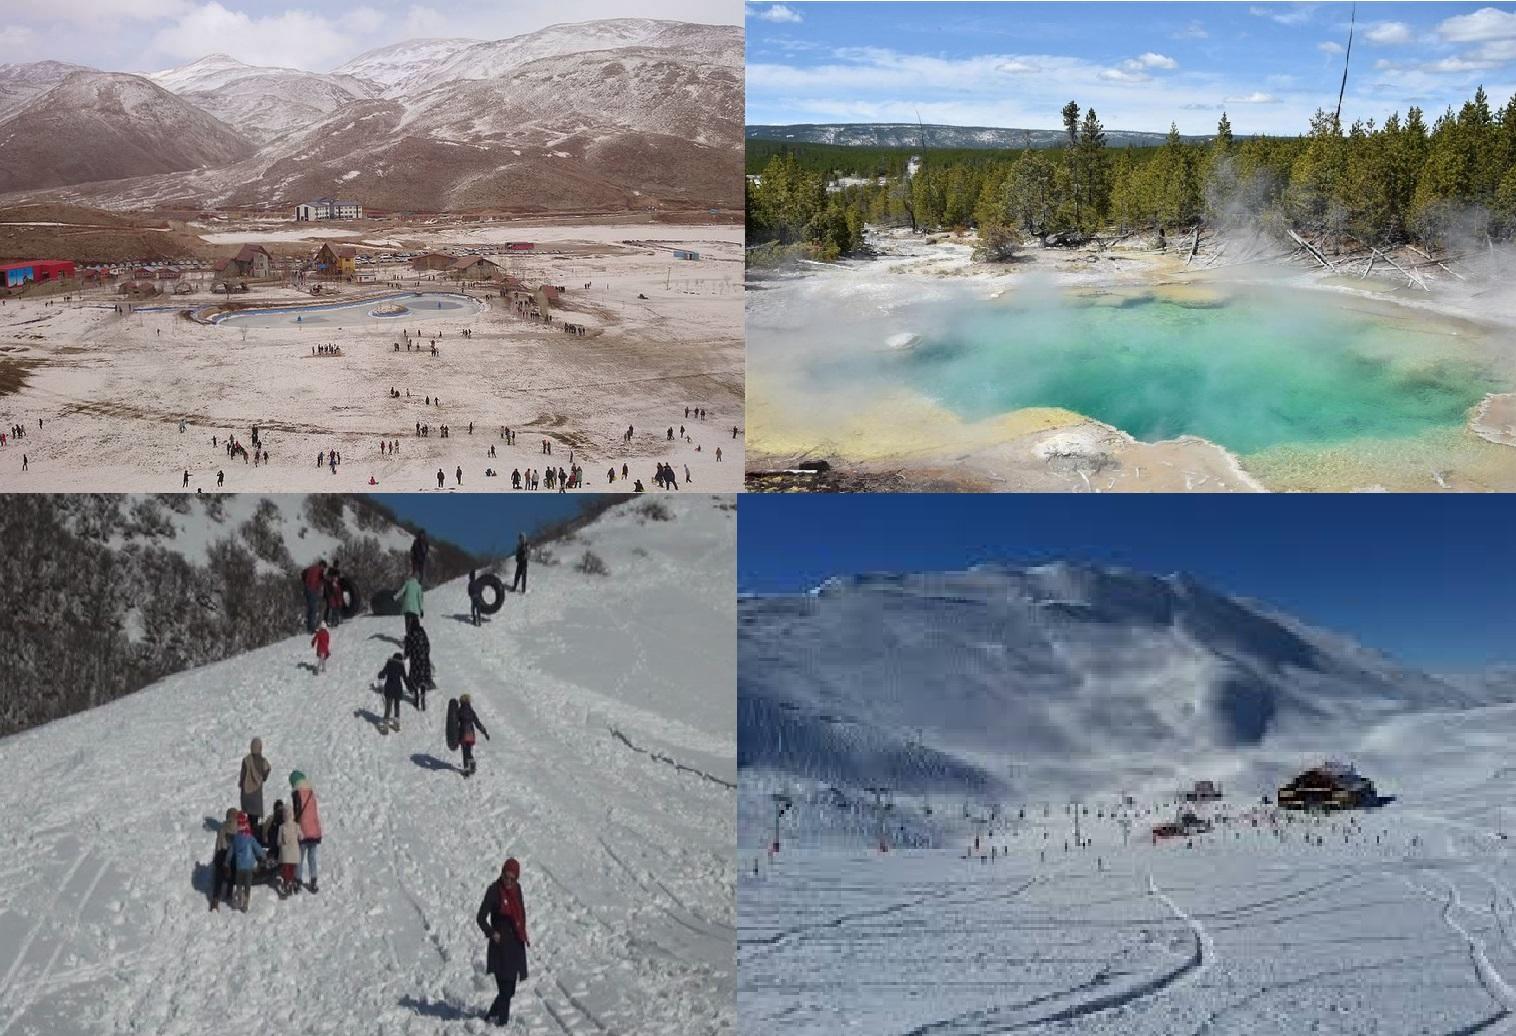 مناسبترین مقاصد سفر برای برفبازهای مبتدی و حرفهای